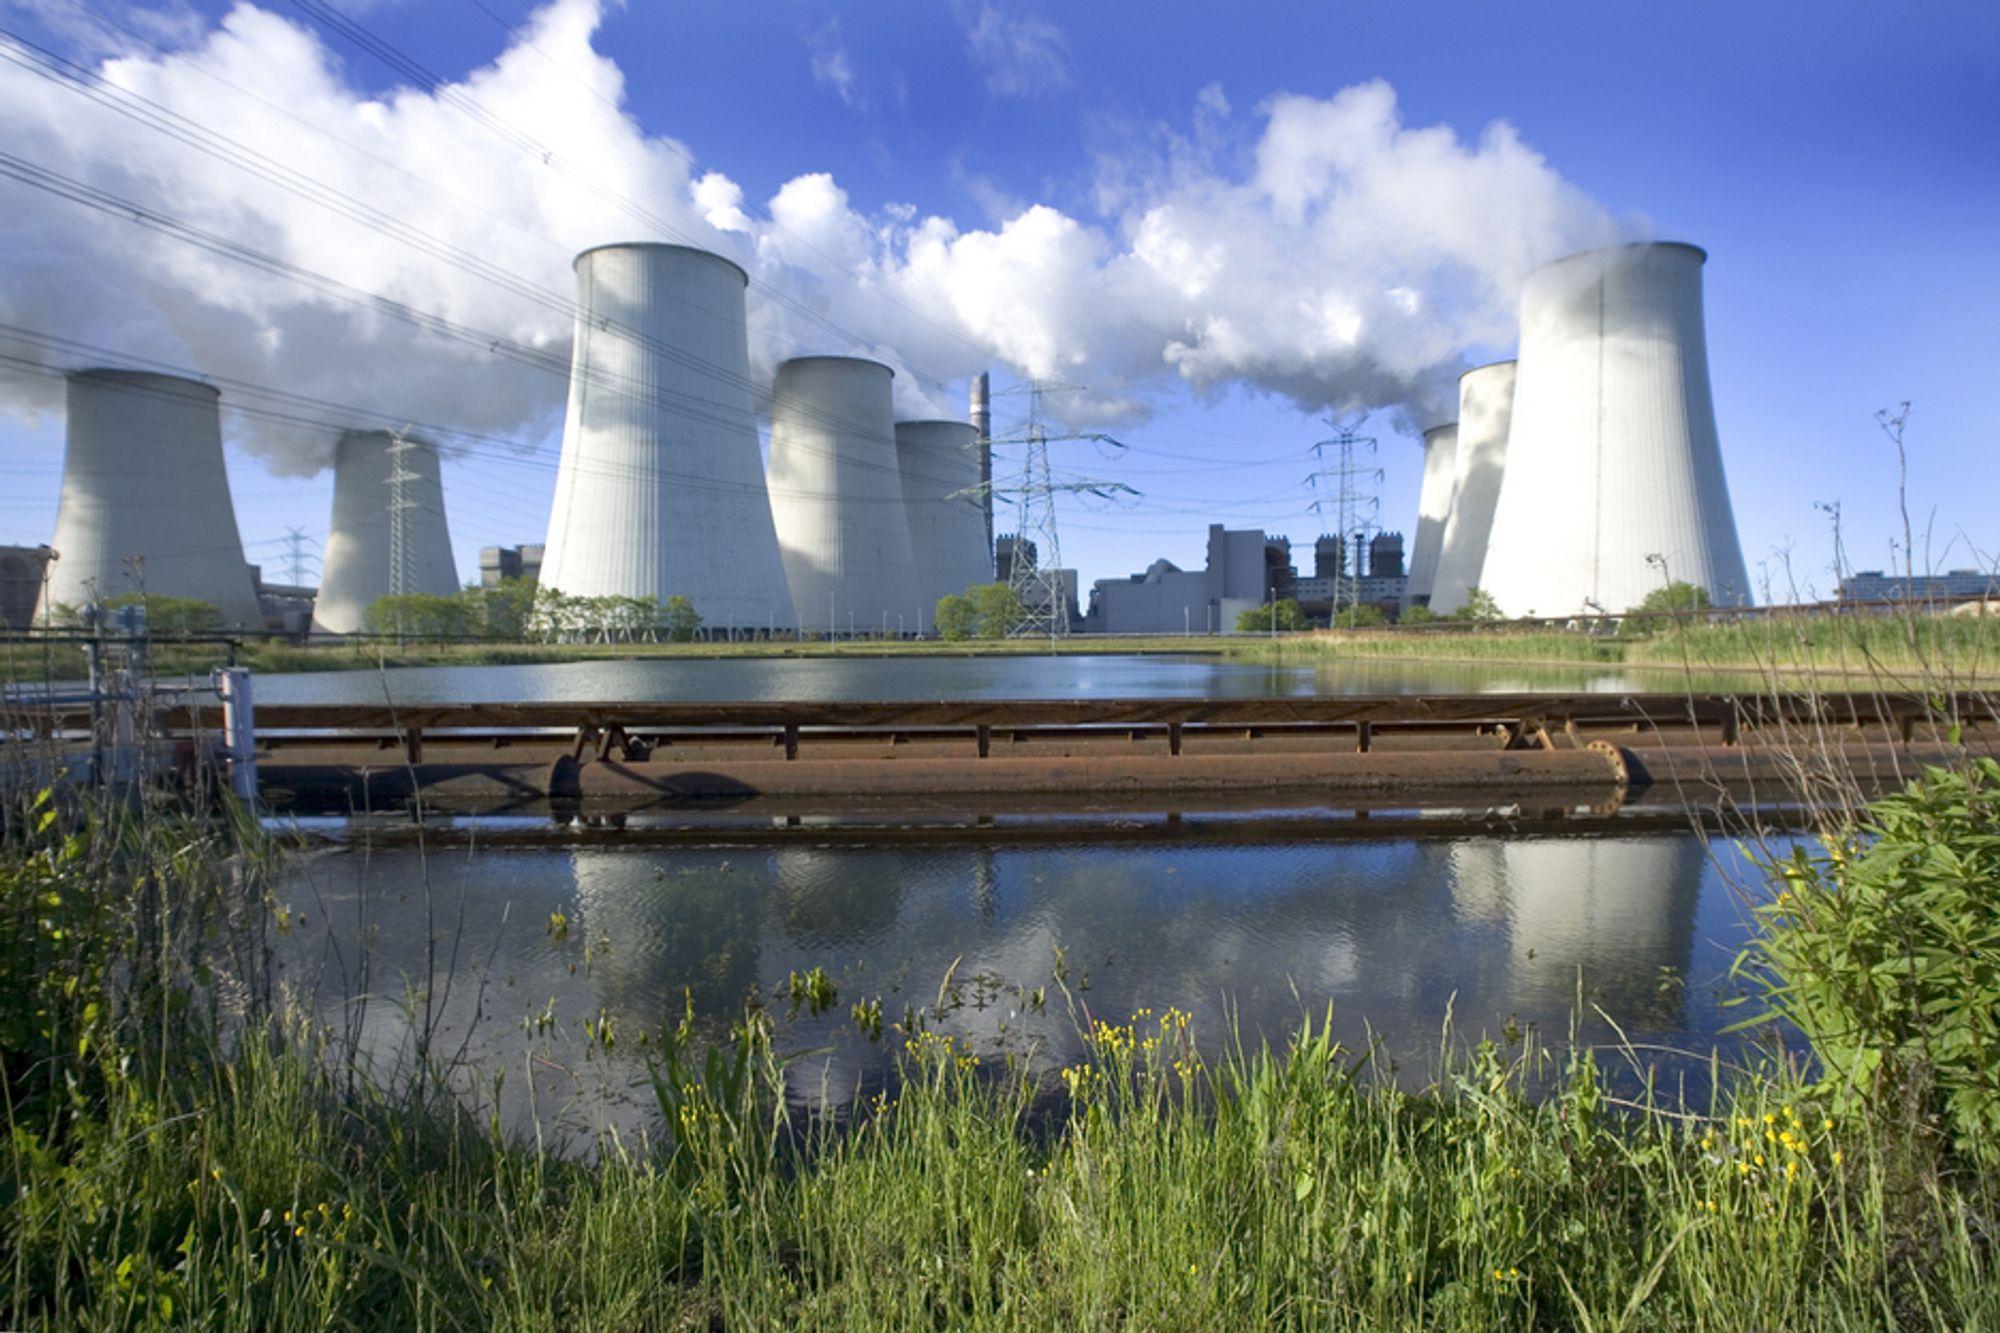 KAN BLI SOLGT: Vattenfall vurderer å kvitte seg med de tyske kullkraftverkene sine. Dette er brunkullsverket Jänschwalde i Niederlausitz.